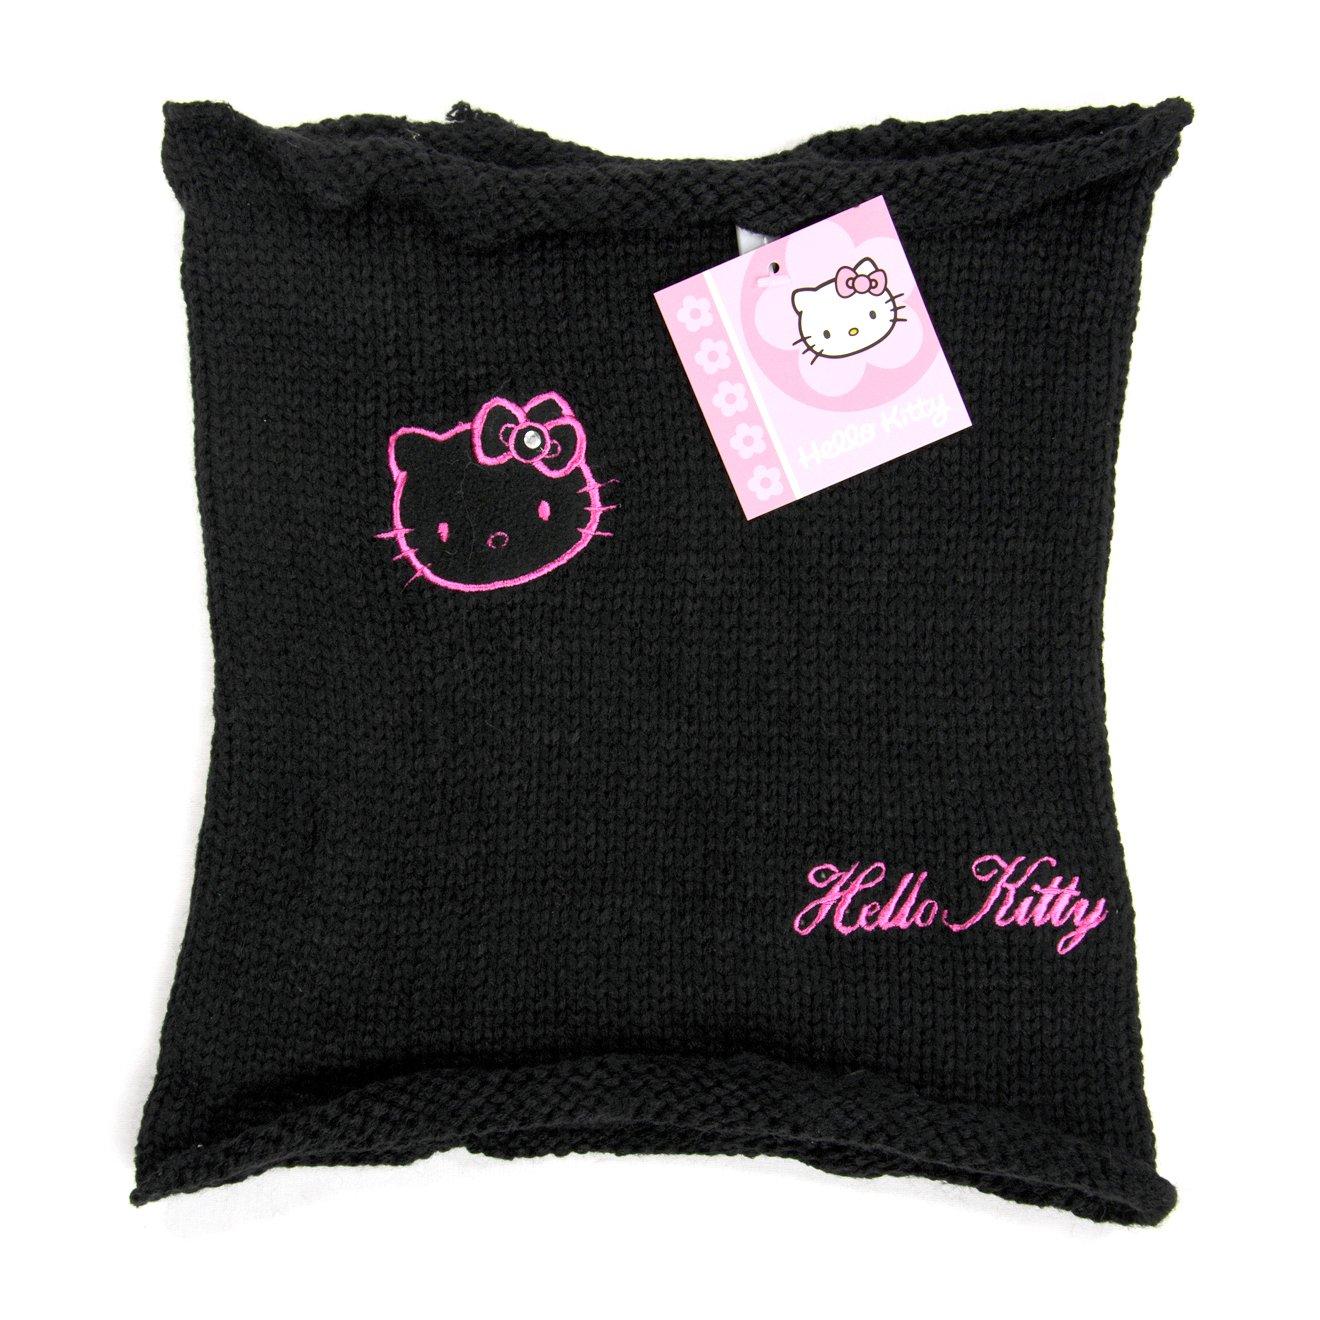 Scaldacollo Hello Kitty a maglia (Sciarpa tubolare)